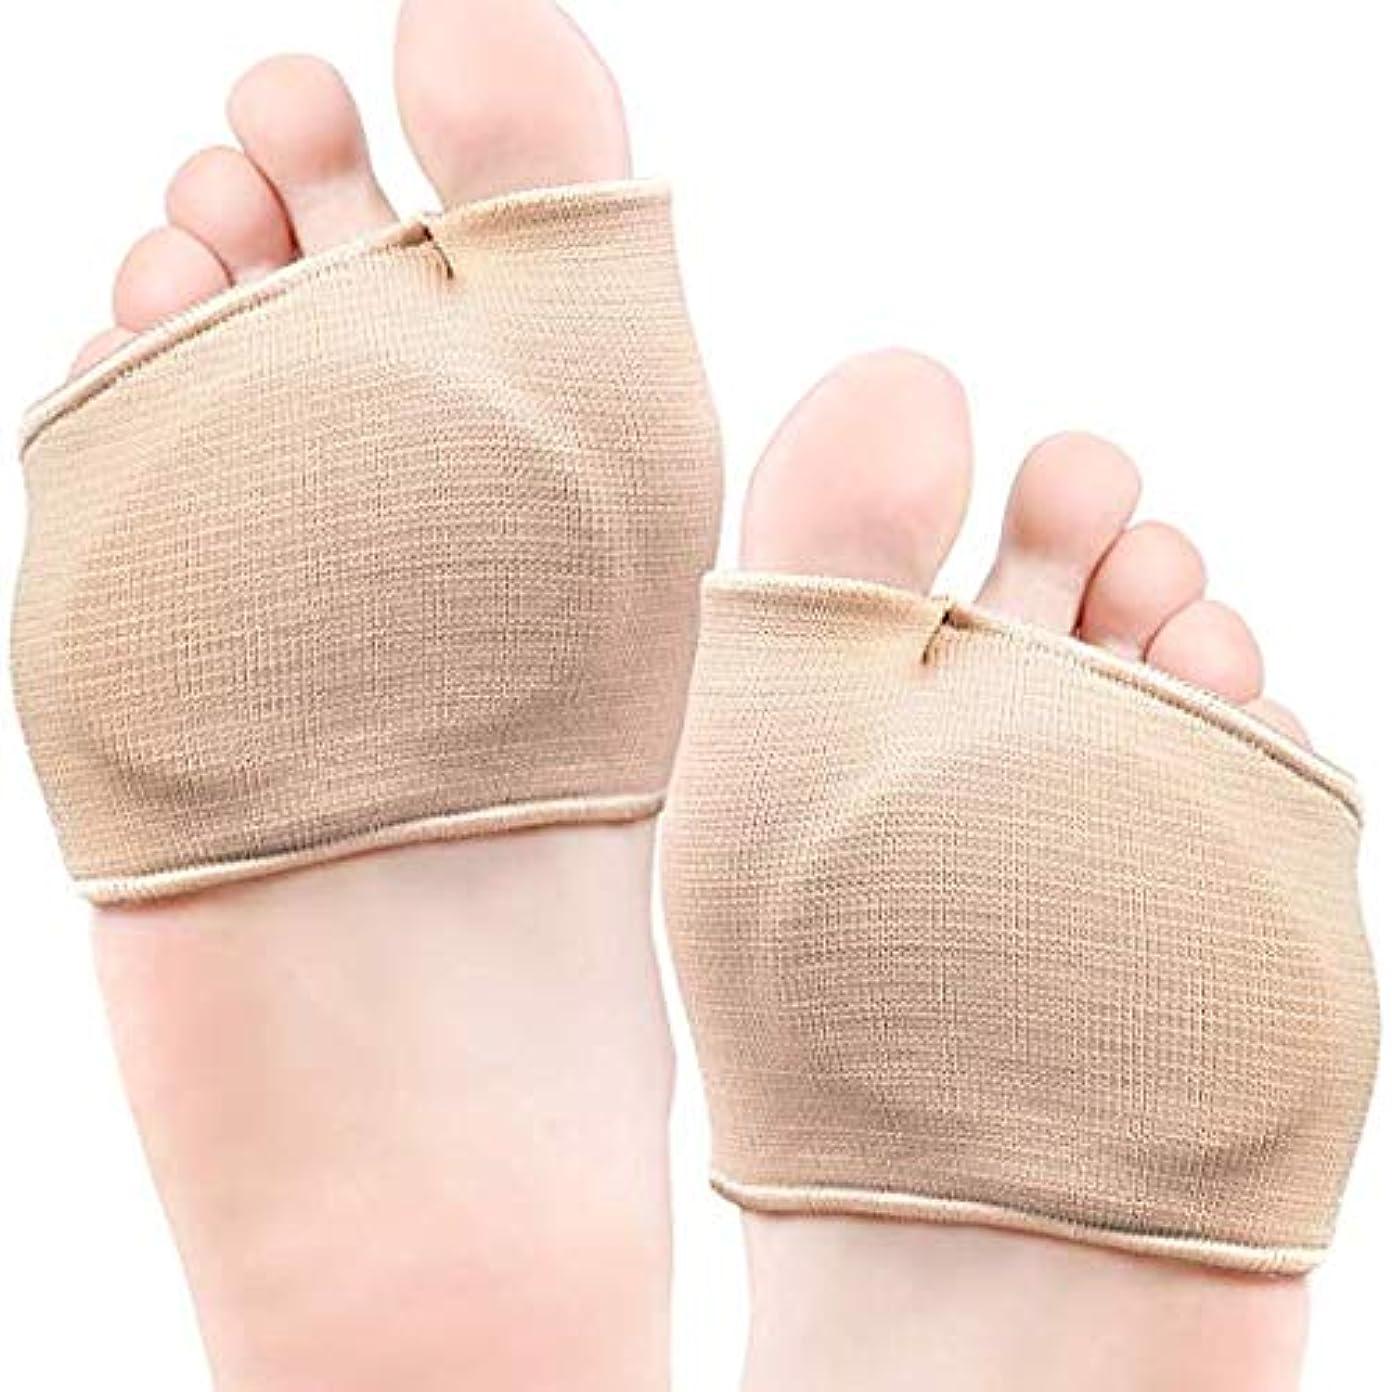 等々シダ日没前足部クッションパッド付き中足部ジェルスリーブ(2ペア)-足の健康のボールをサポート(サイズ:L/XL-中足部スリーブ-靴/ブーツ)